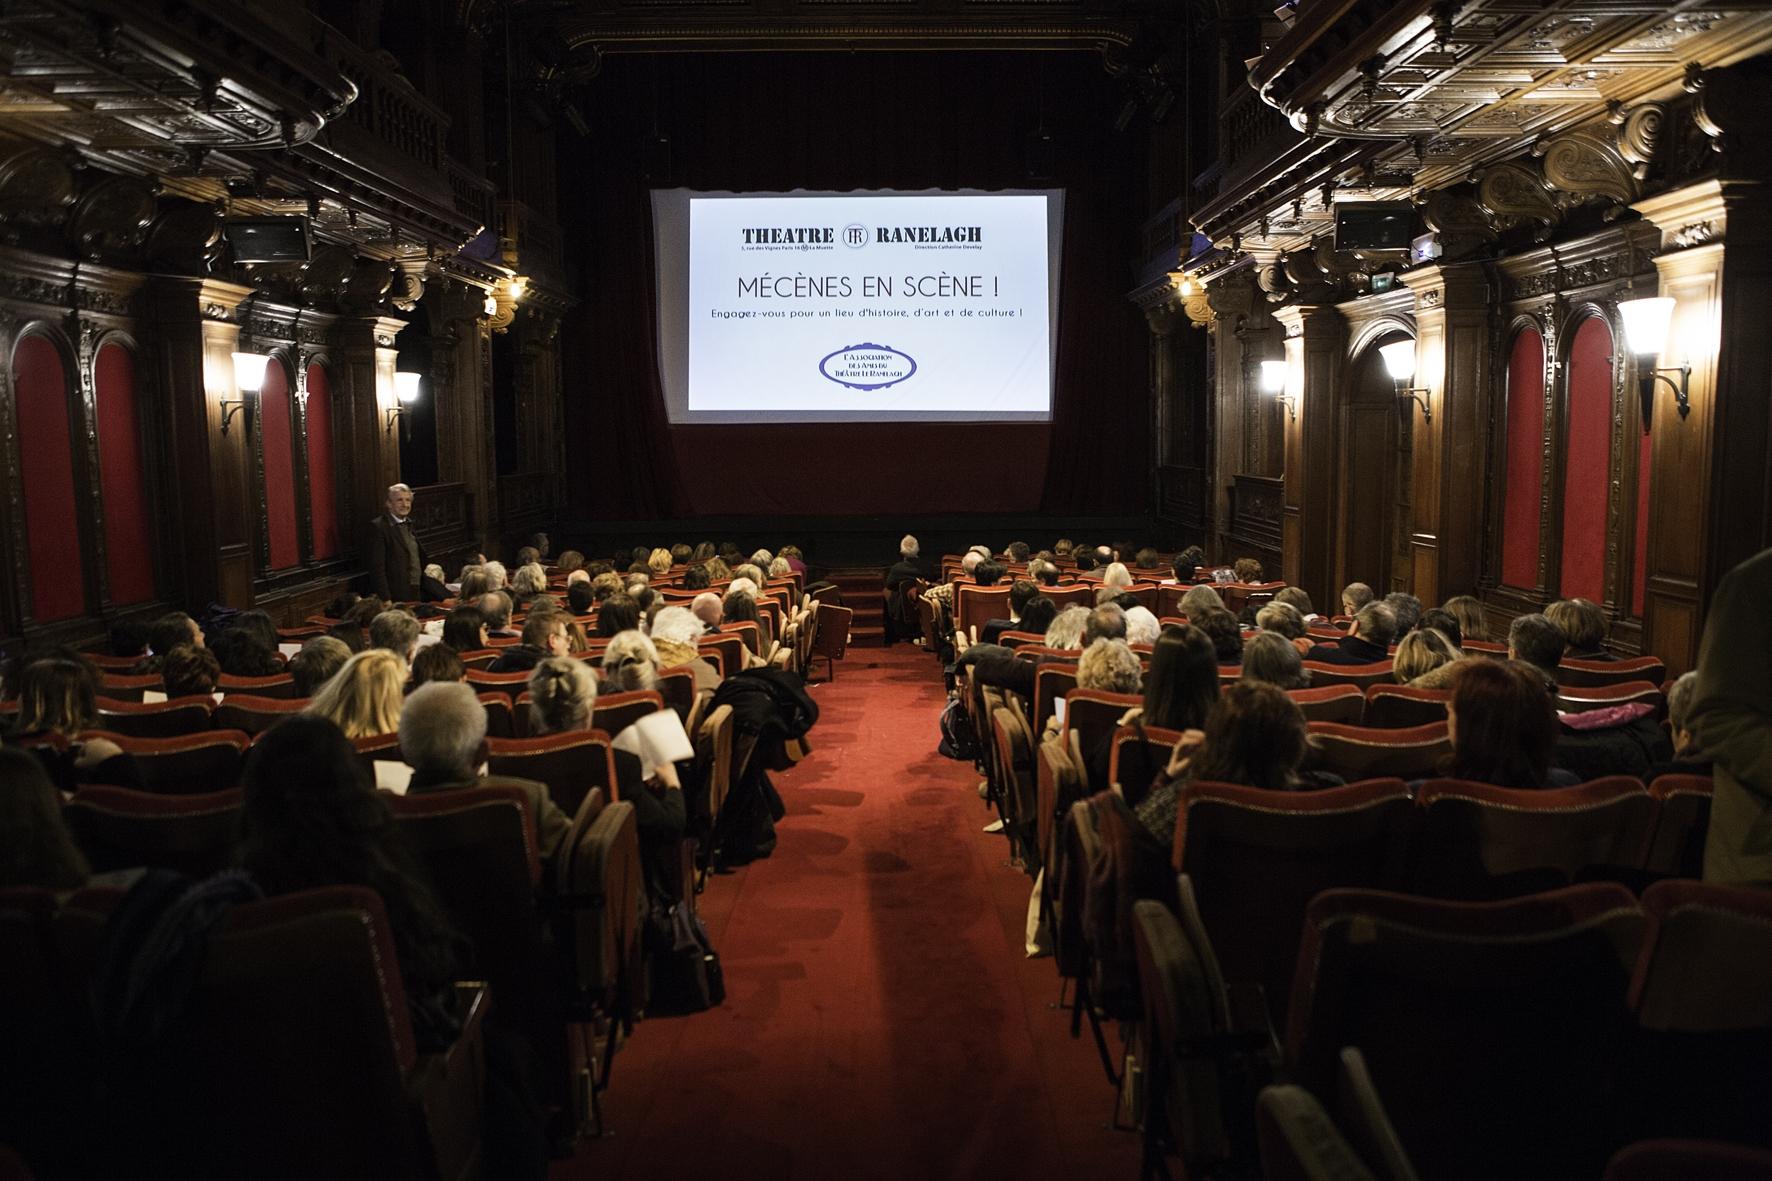 Soirée Mécènes en Scène 1 au Théâtre le Ranelagh